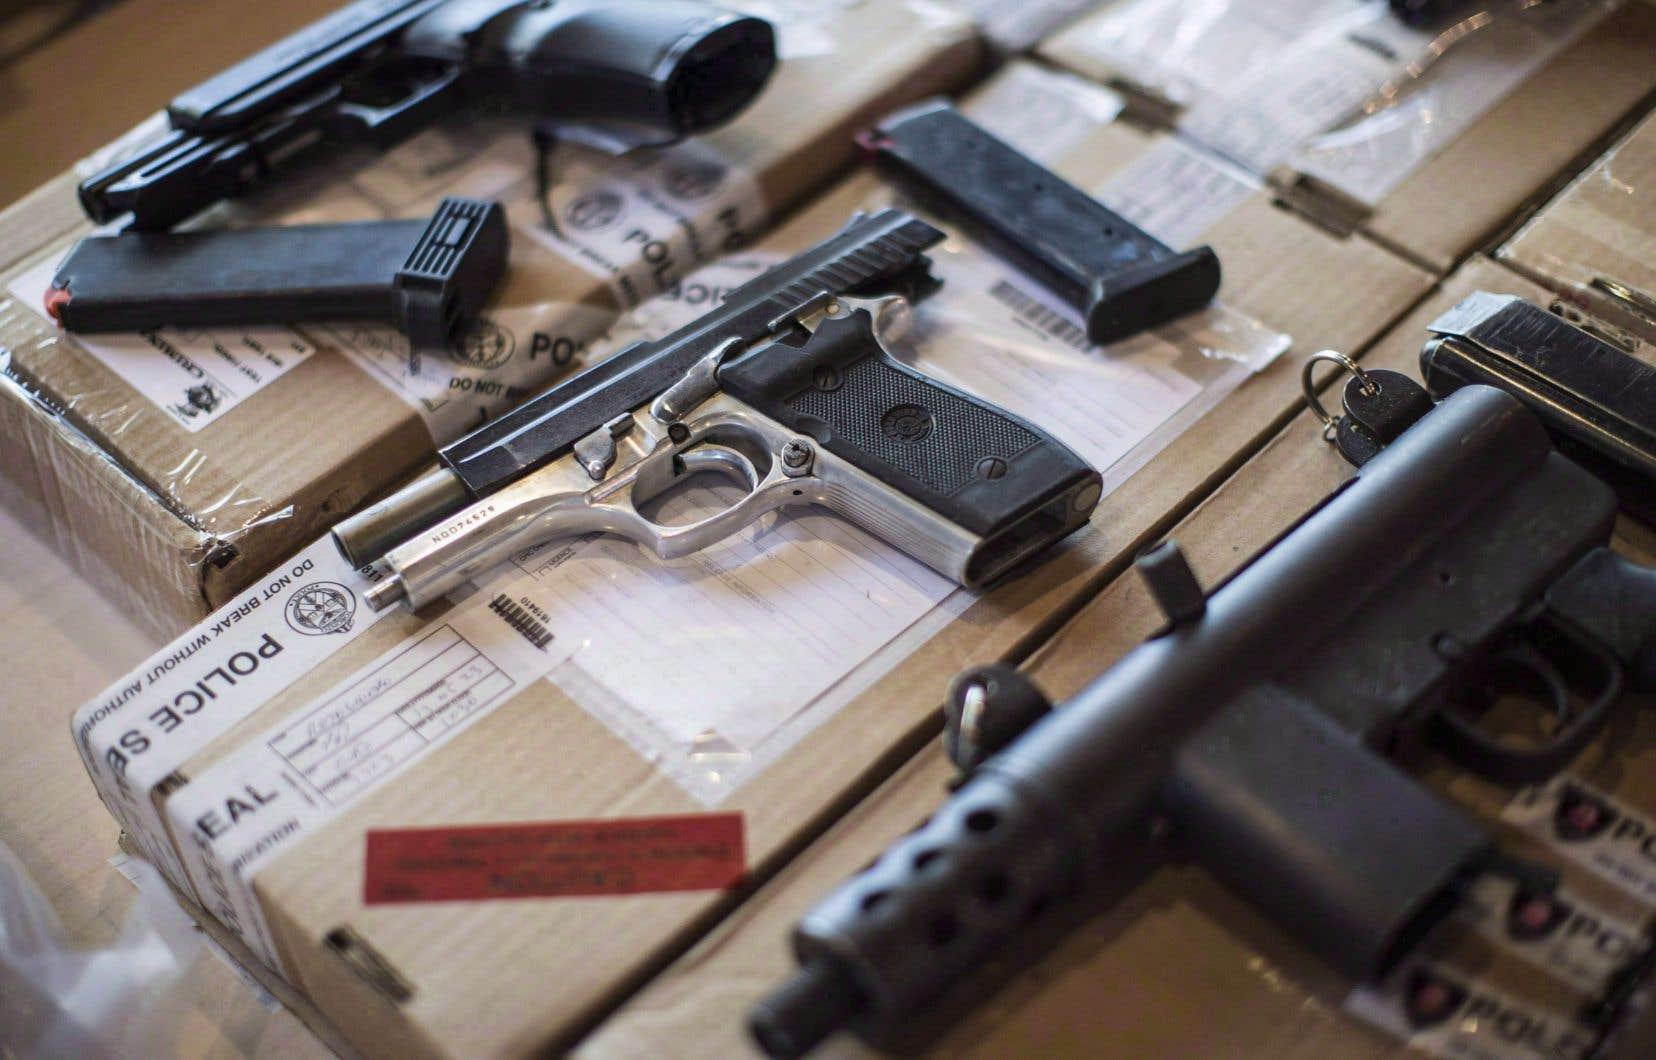 La résolution montréalaise demande le renforcement du projet de loi C-71 déposé aux Communes parce qu'il «est temps d'interdire la possession privée des armes de poing et des armes d'assaut de style militaire».